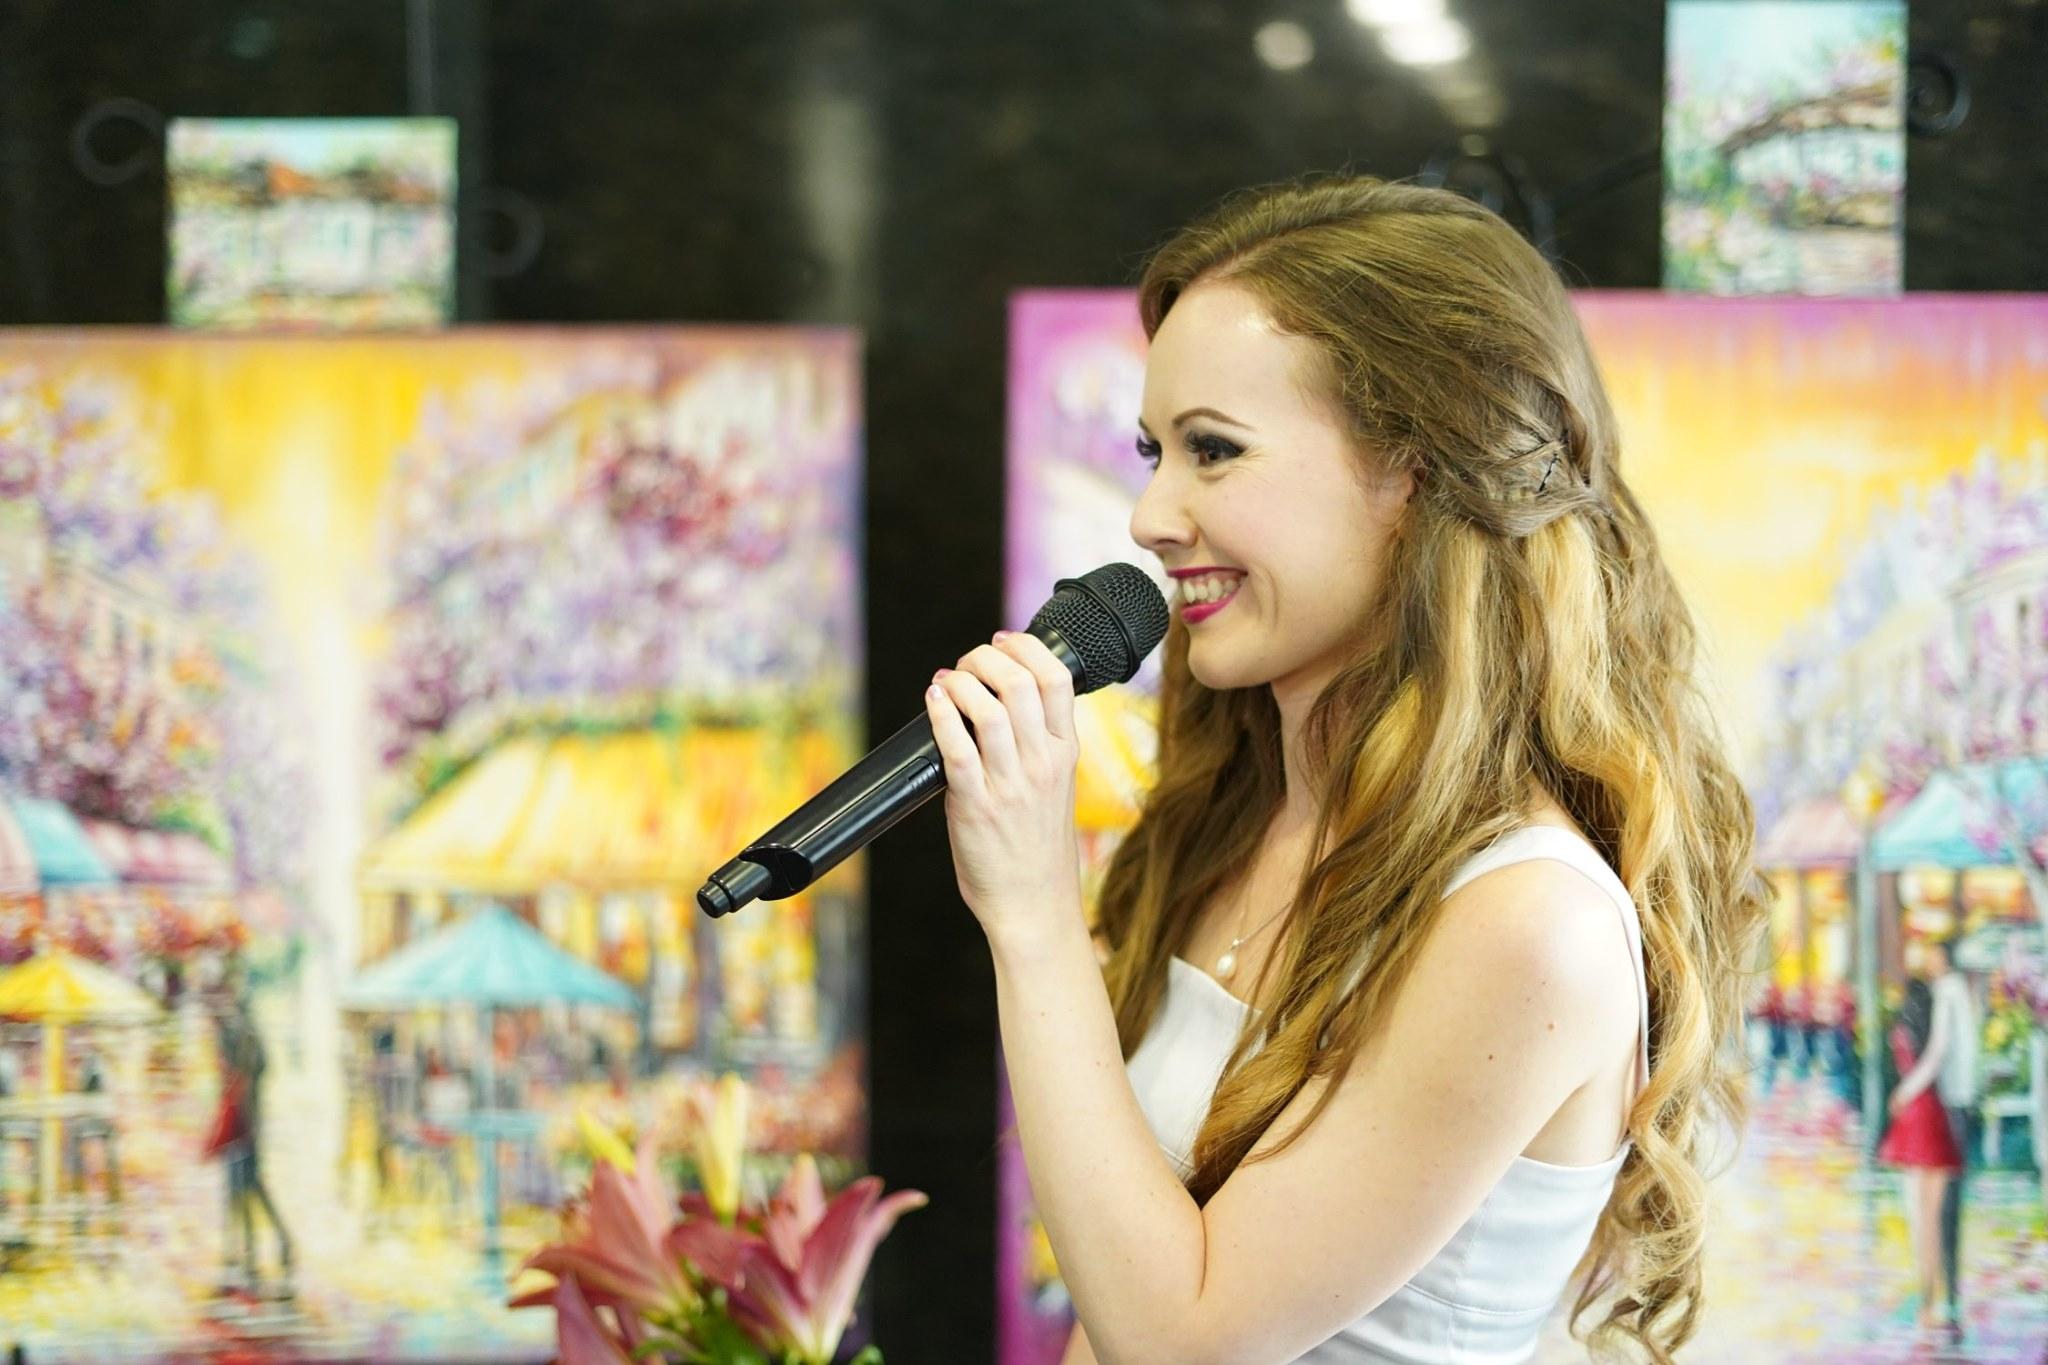 Даниела Стойкова: Богатството не са парите, които си спечелил, а душите, които си докоснал